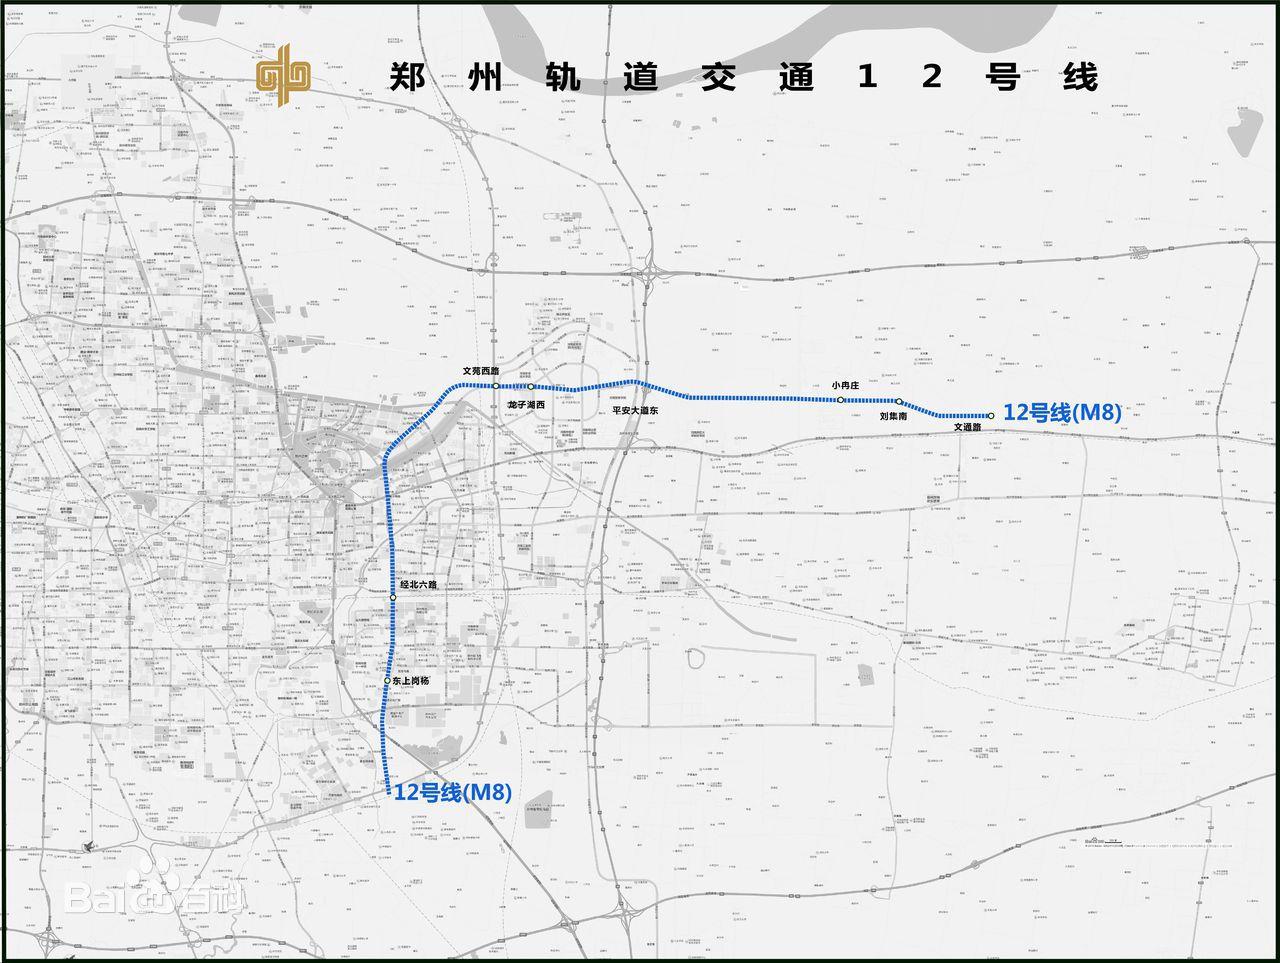 郑州地铁12号线线路图图片